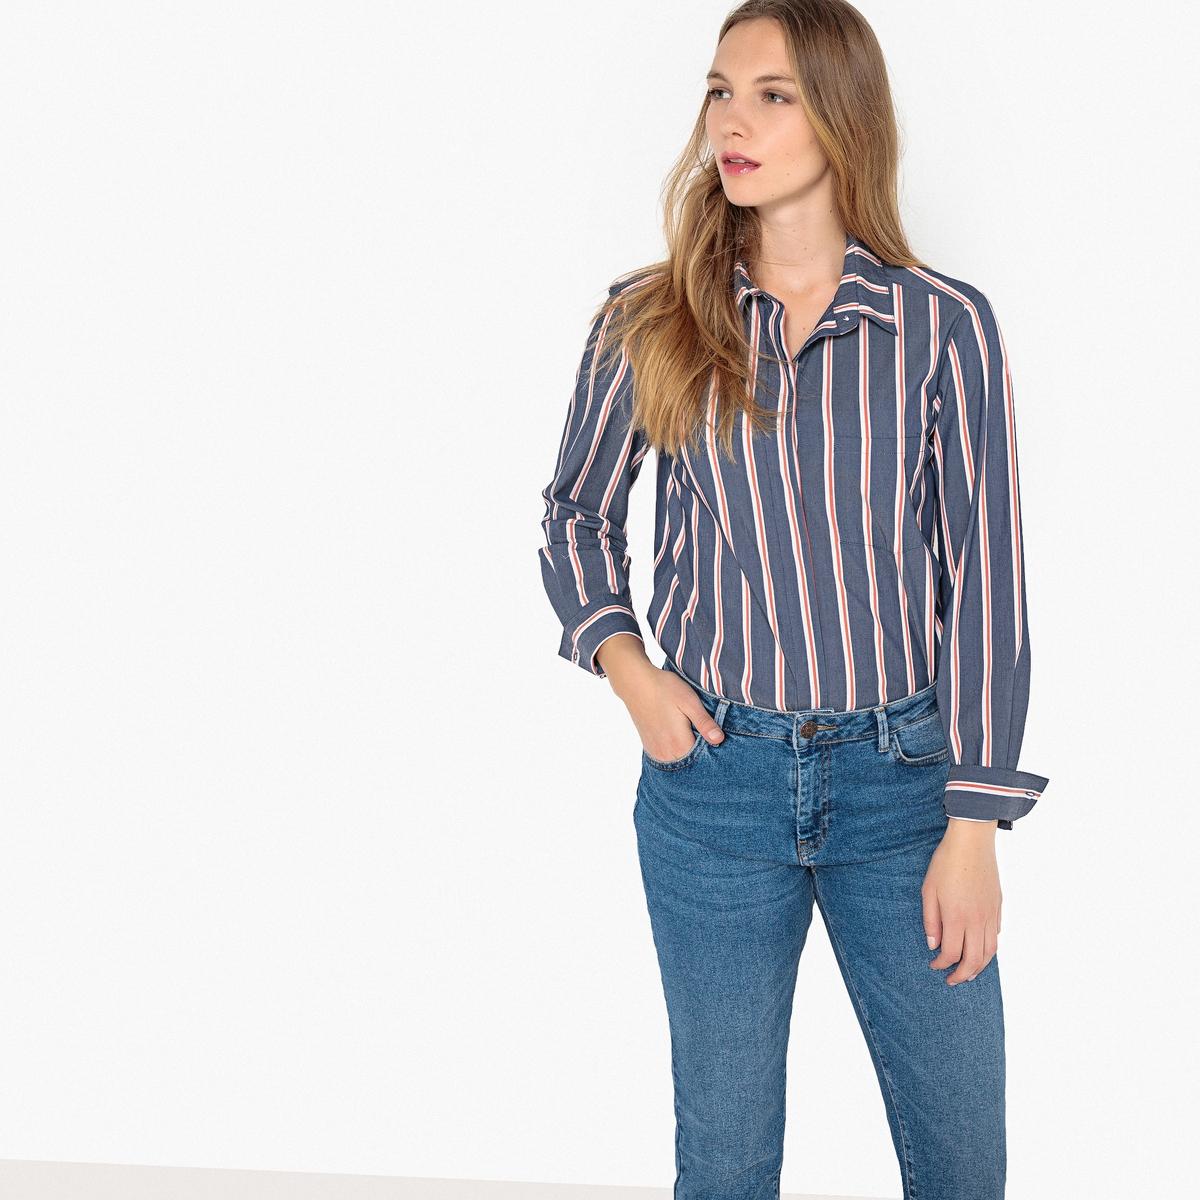 Рубашка прямого покроя в полоску с длинными рукавами рубашка прямого покроя большого размера с контрастными пуговицами